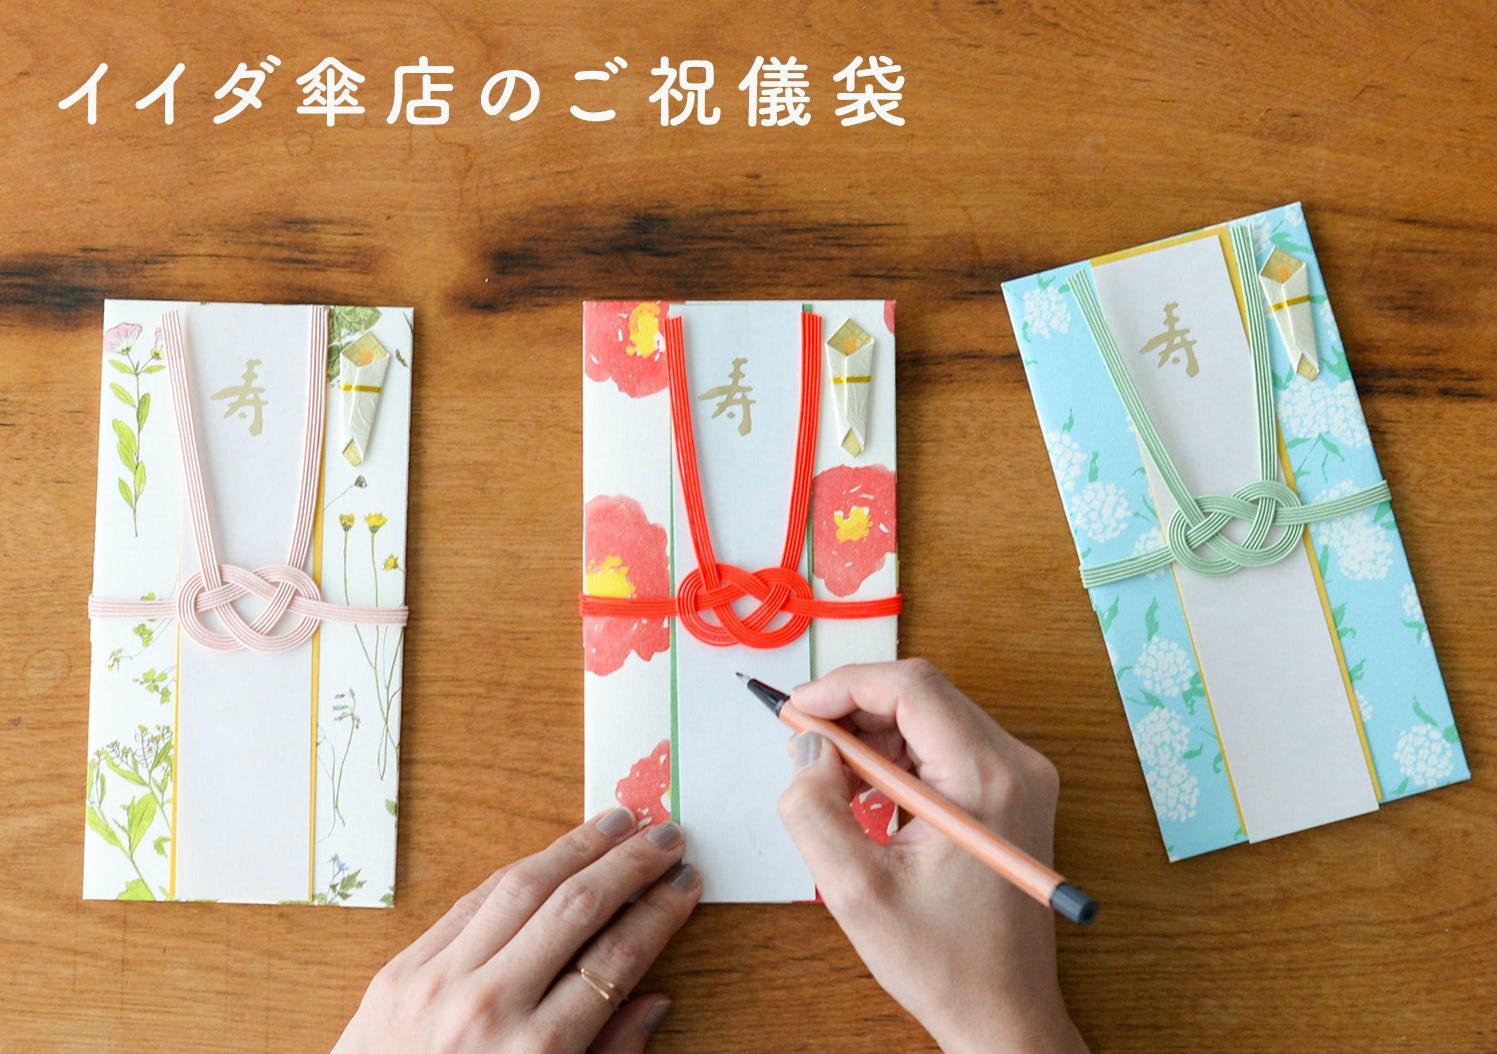 イイダ傘店 / ご祝儀袋の画像